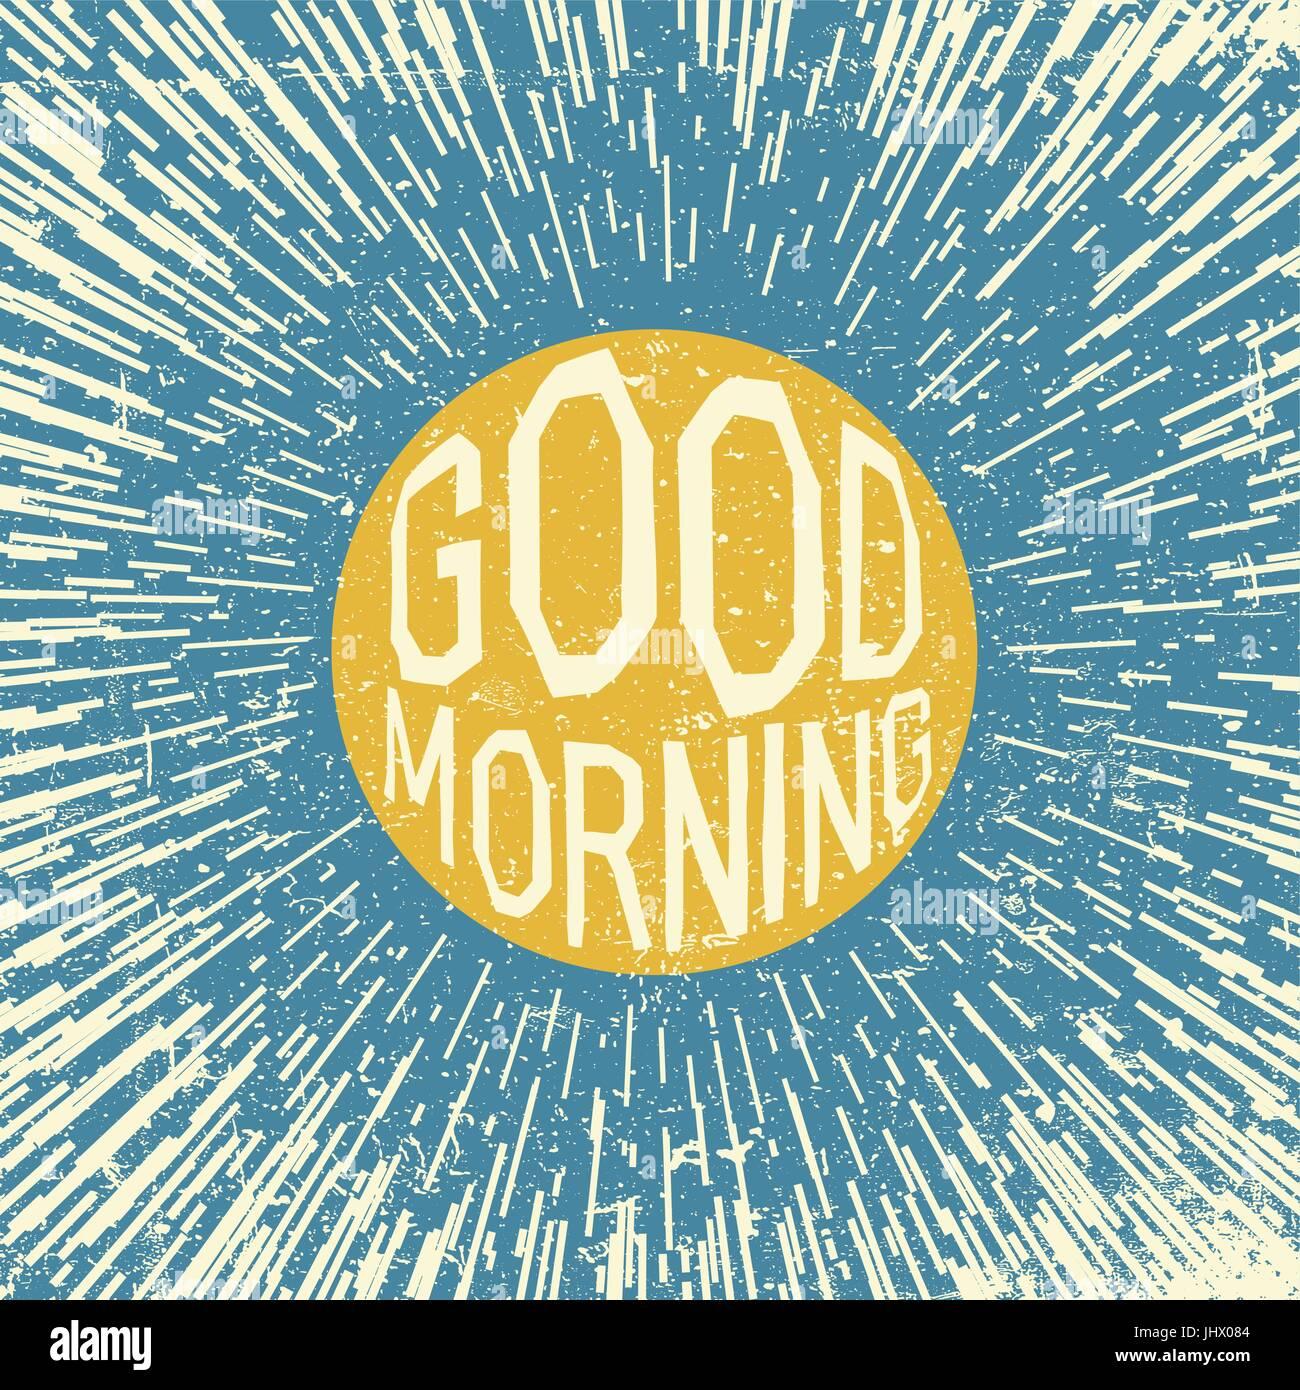 Guten Morgen Inspirierende Angebot Sonnen Symbol Im Blauen Himmel